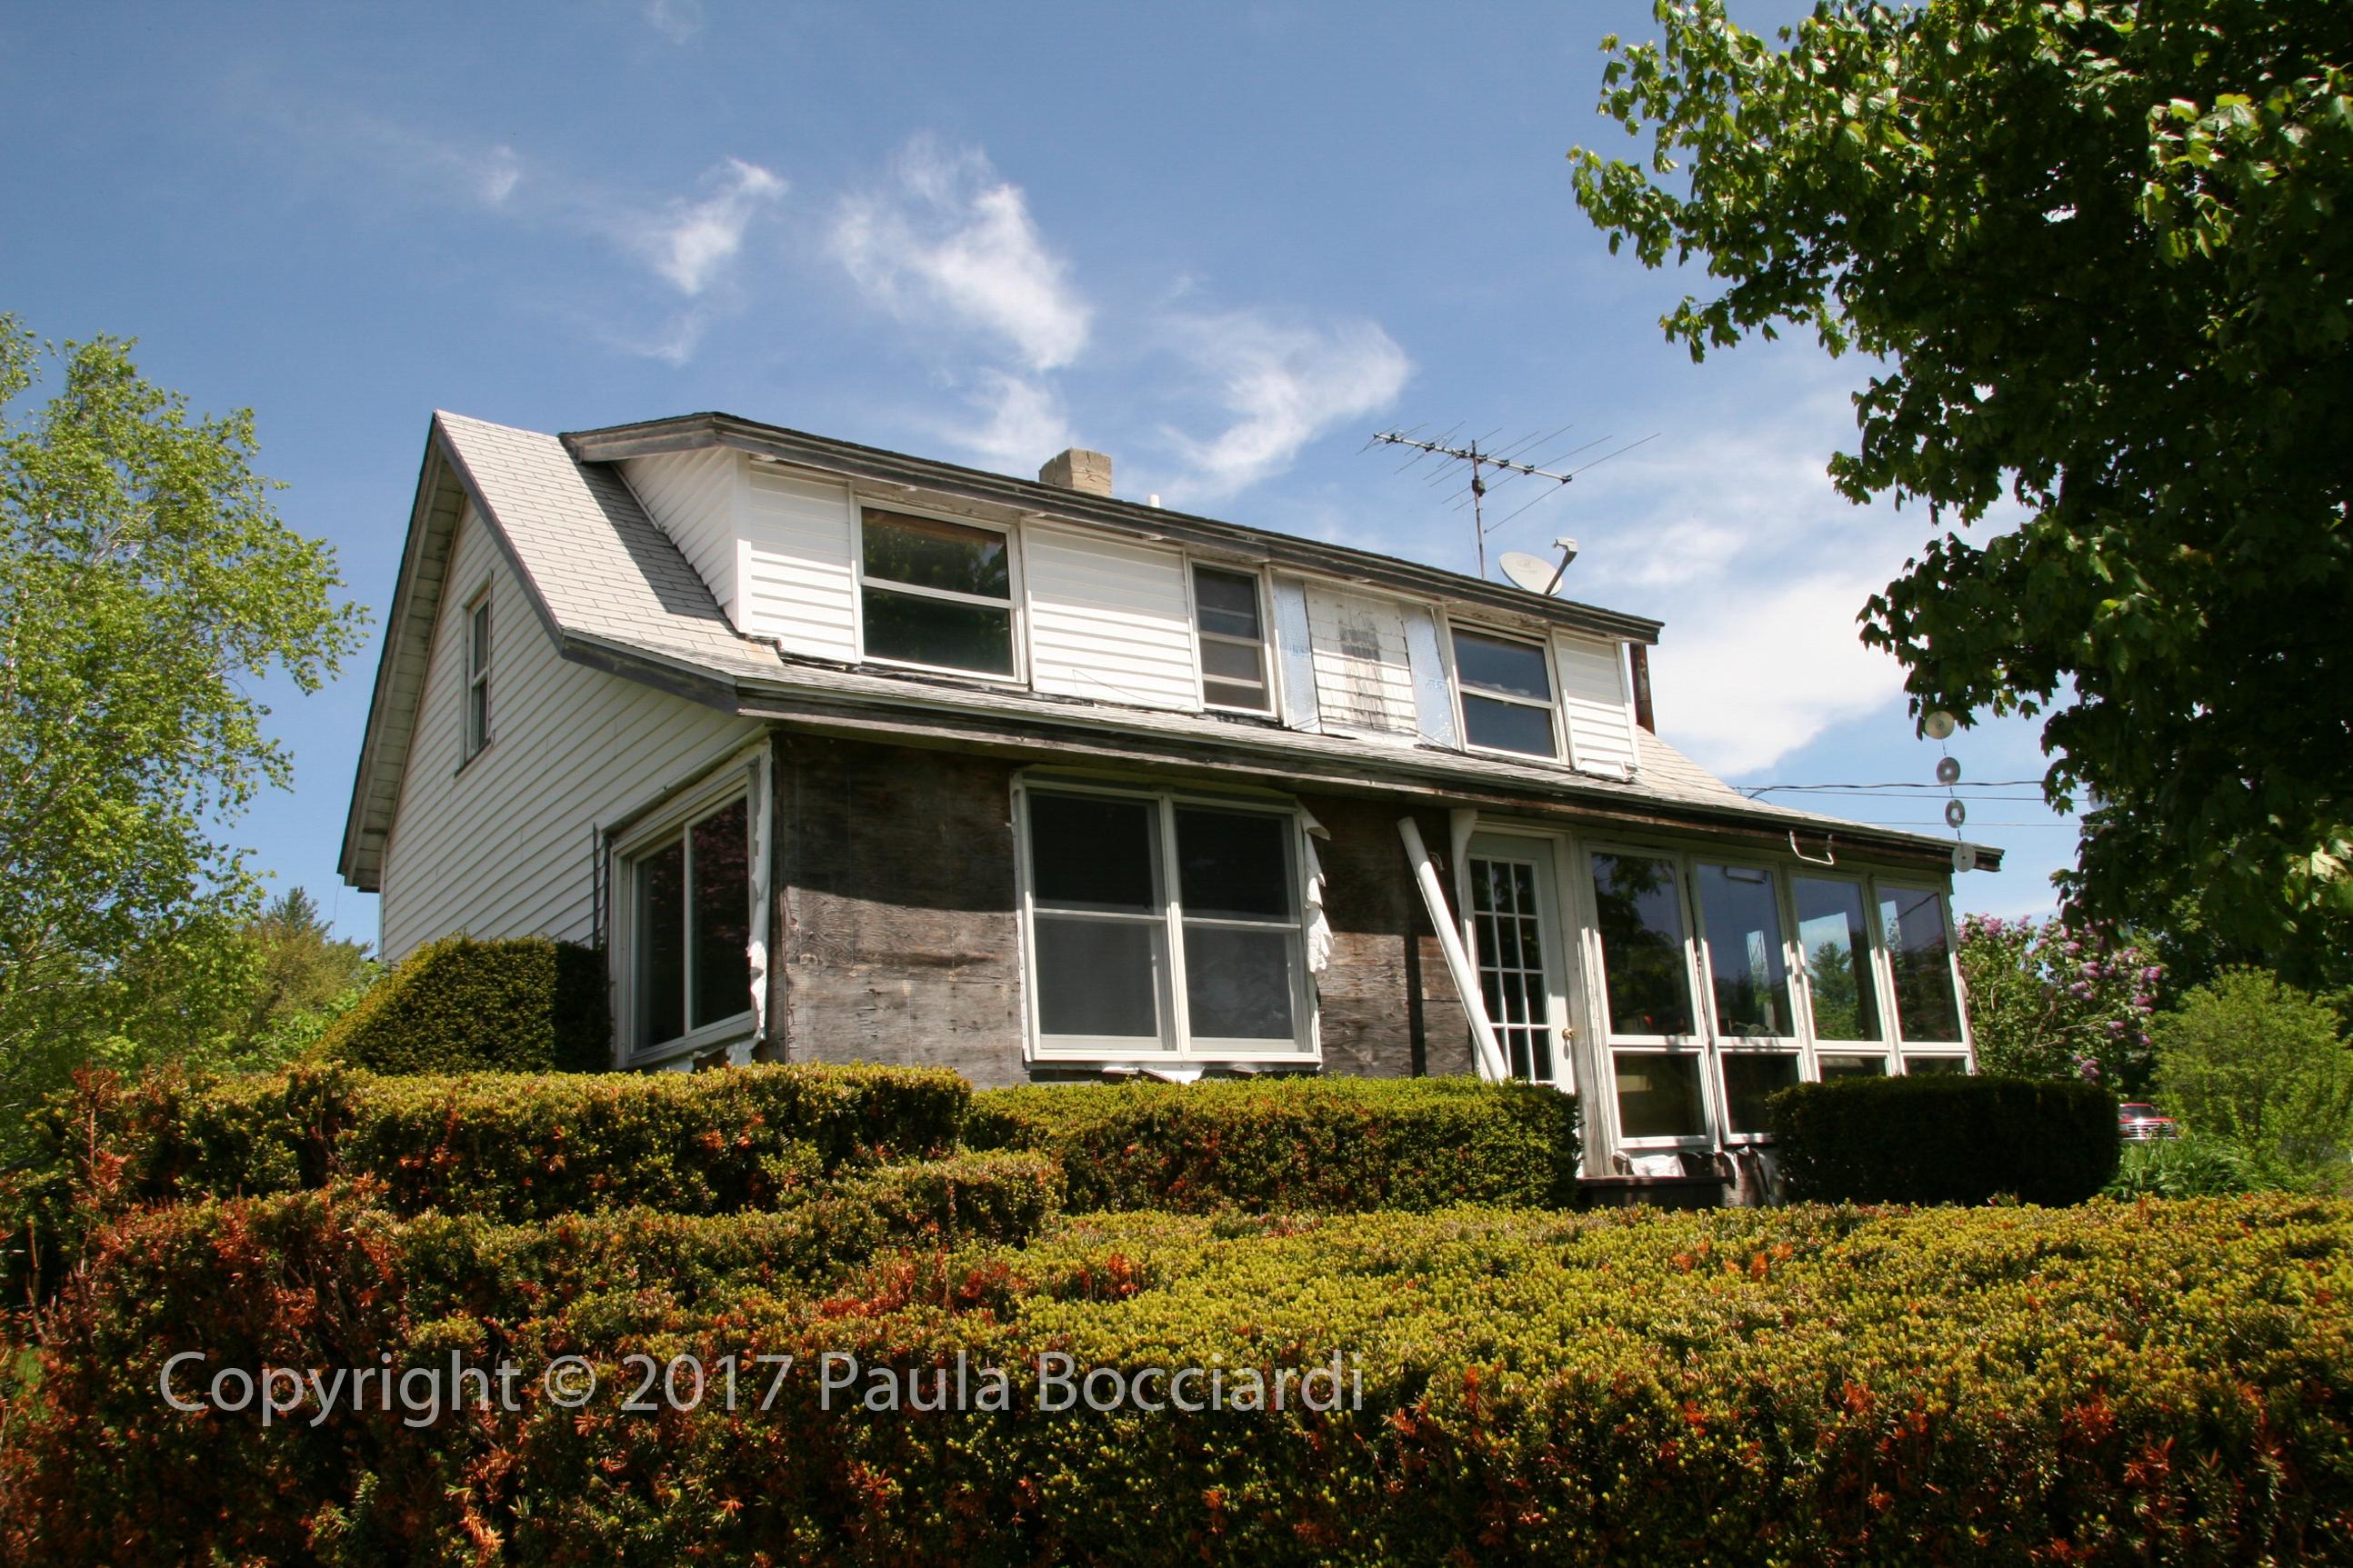 248_Gardiner, Maine_Purington residence